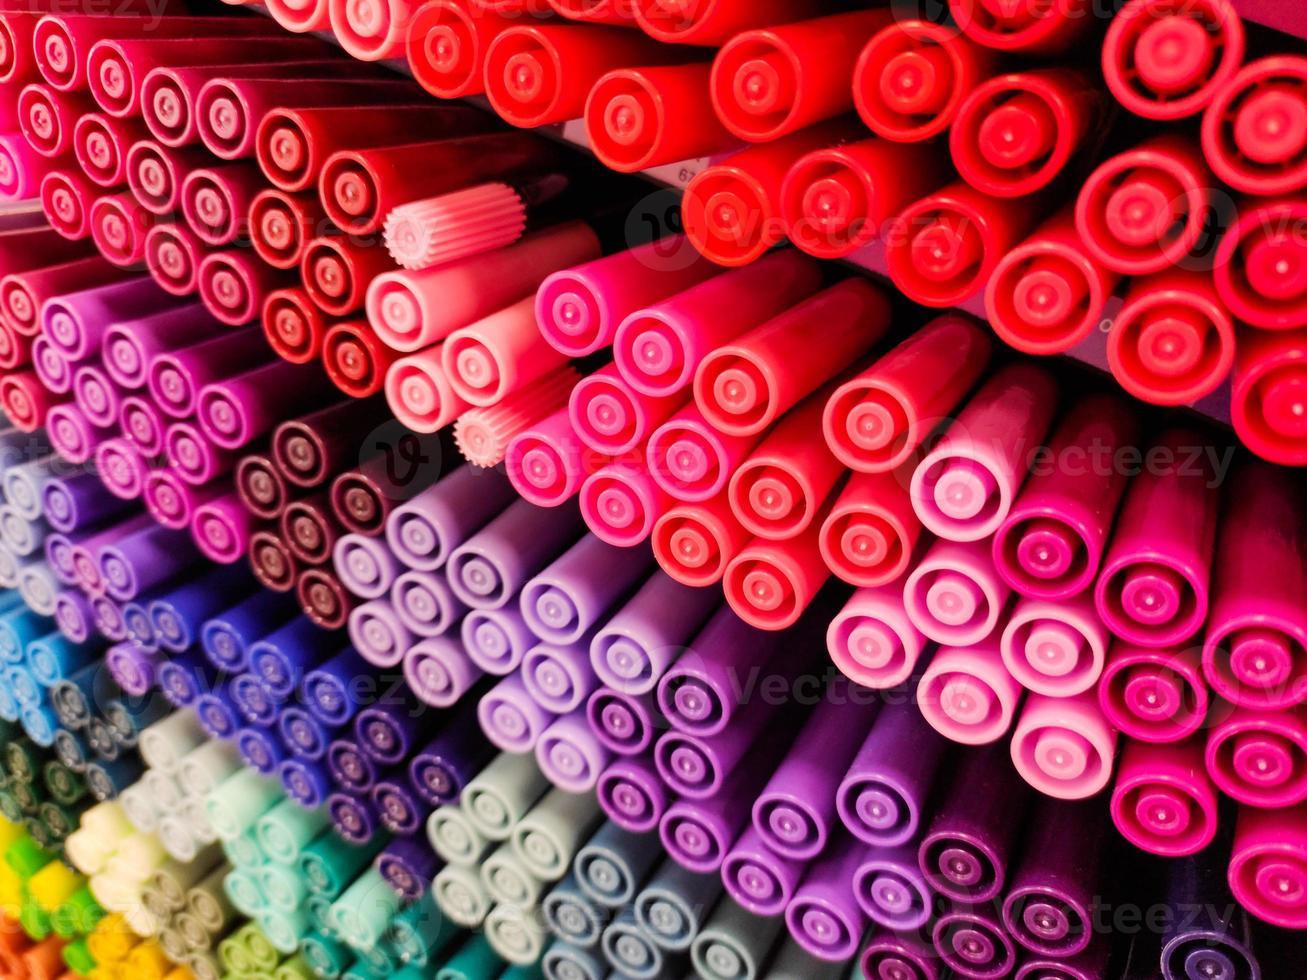 stylos de couleur dans beaucoup de couleurs différentes photo